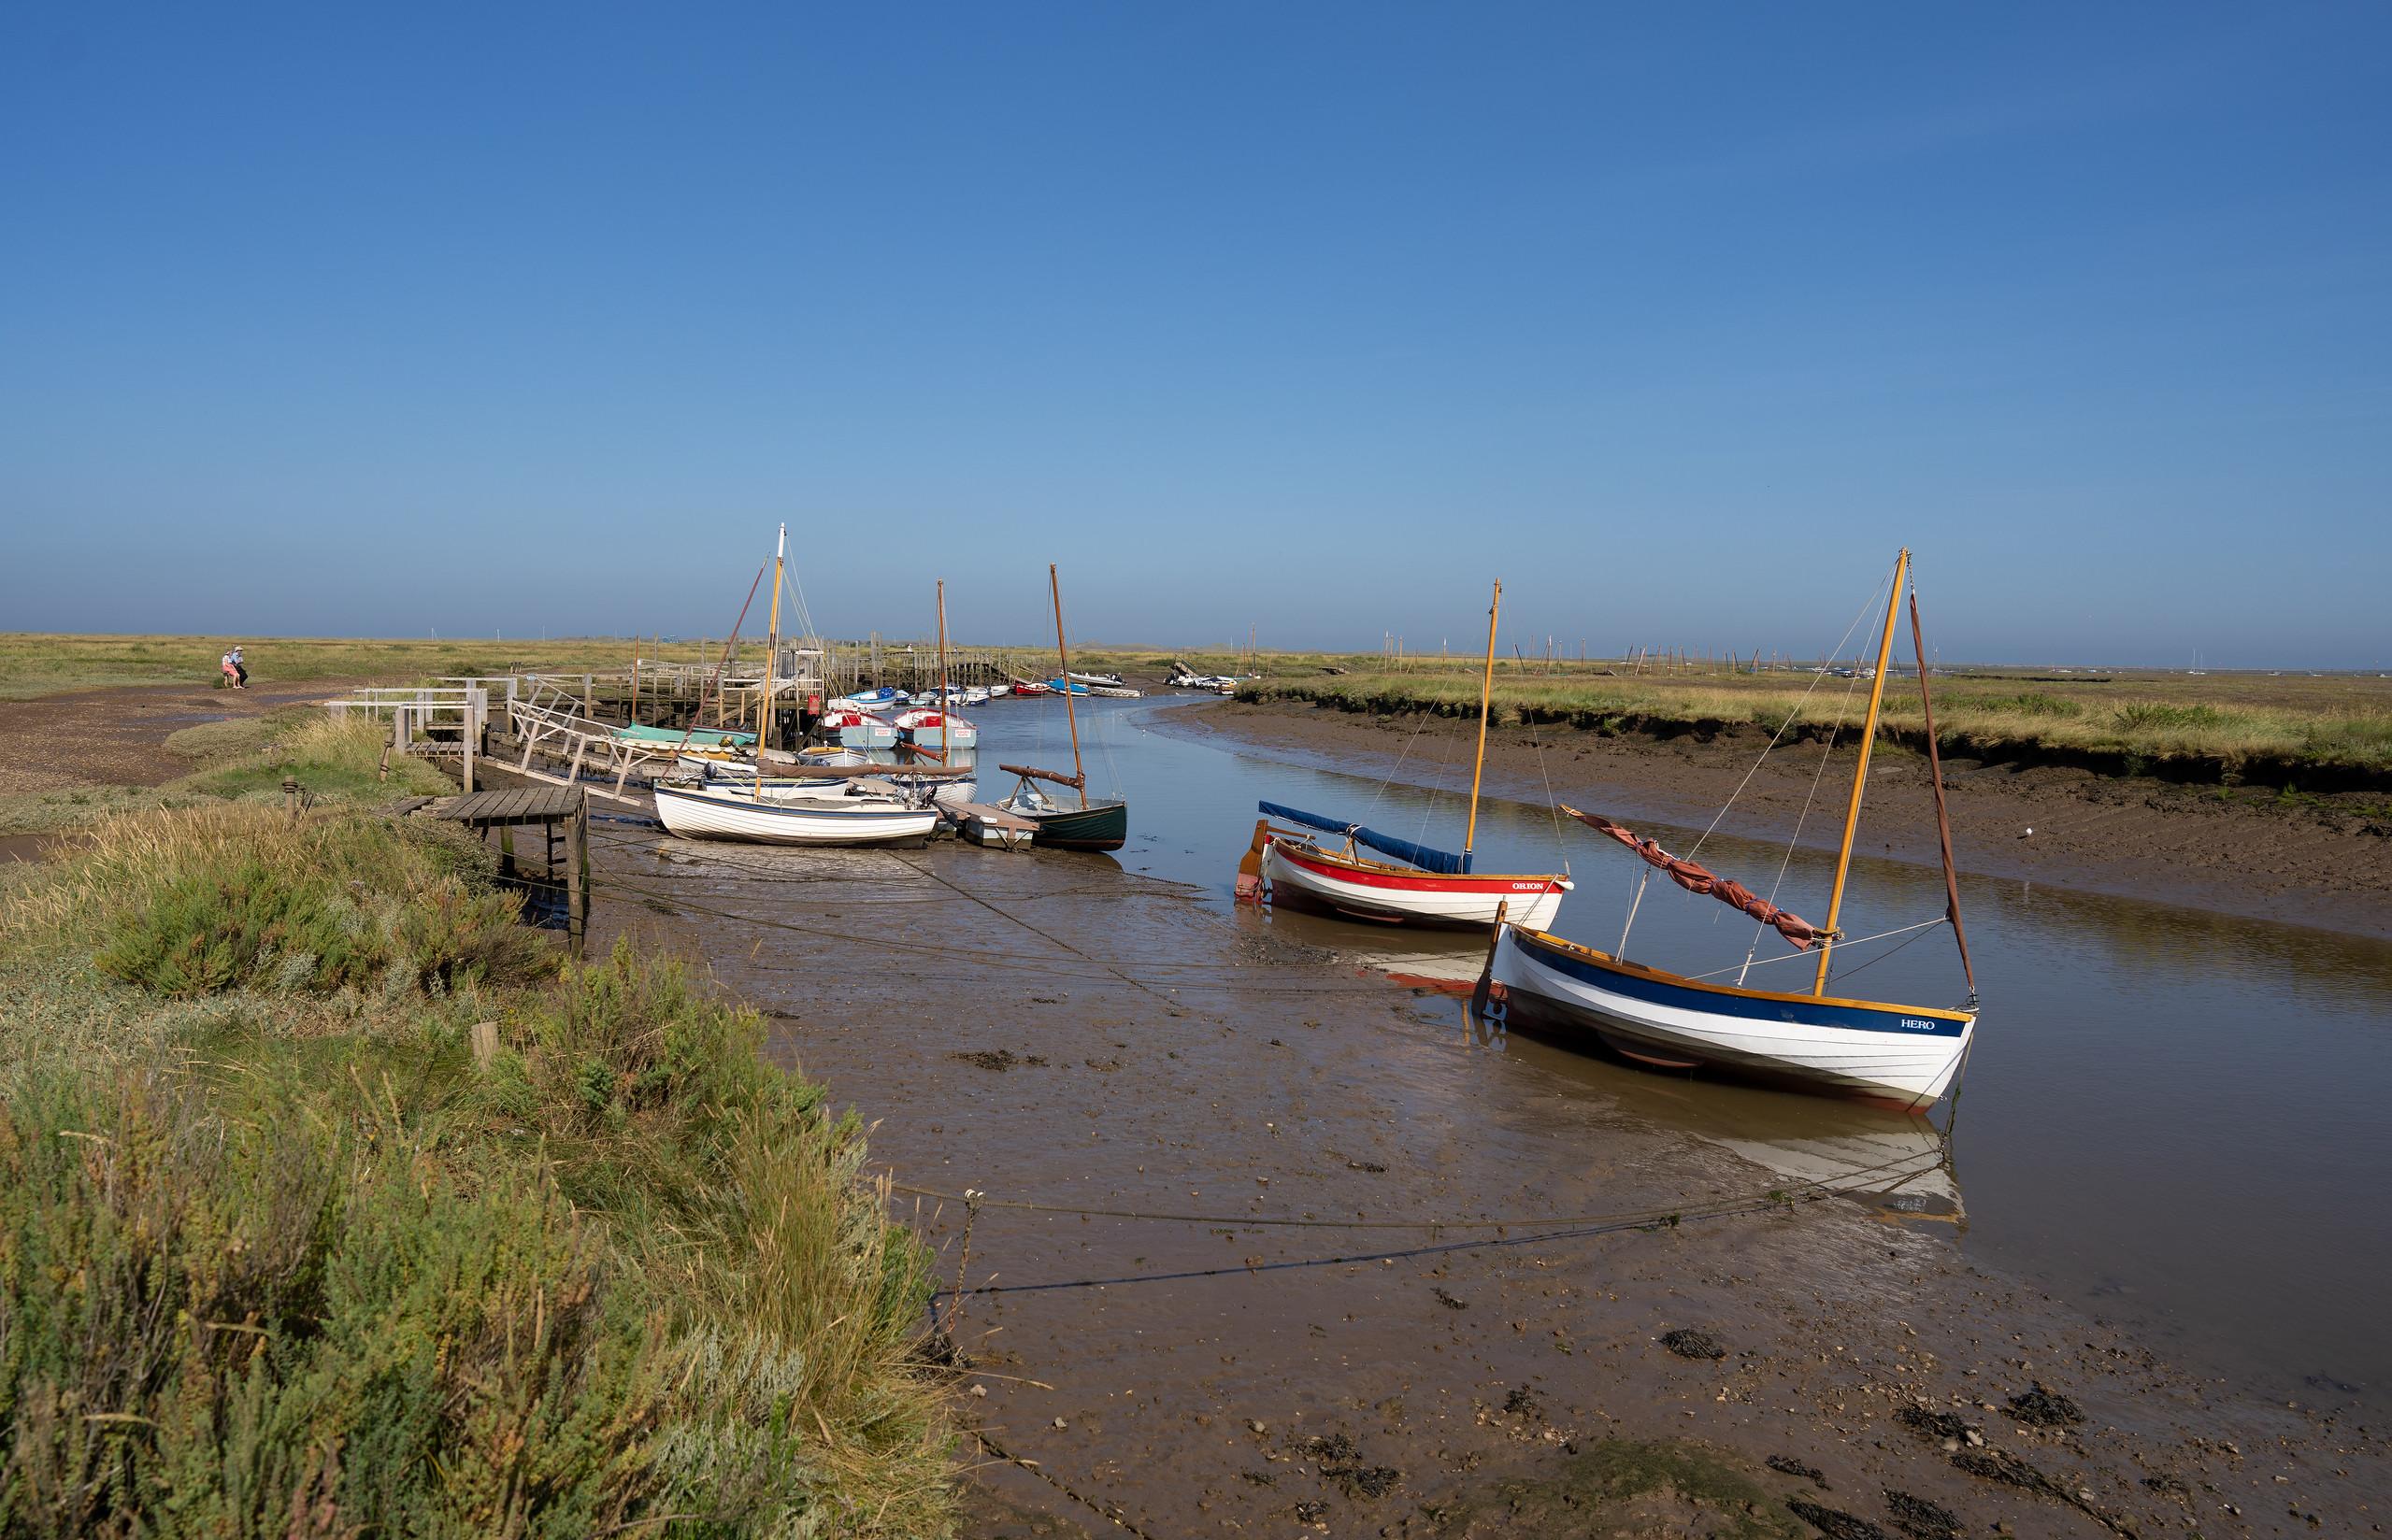 Morston Quay, Norfolk (Sep 2021)